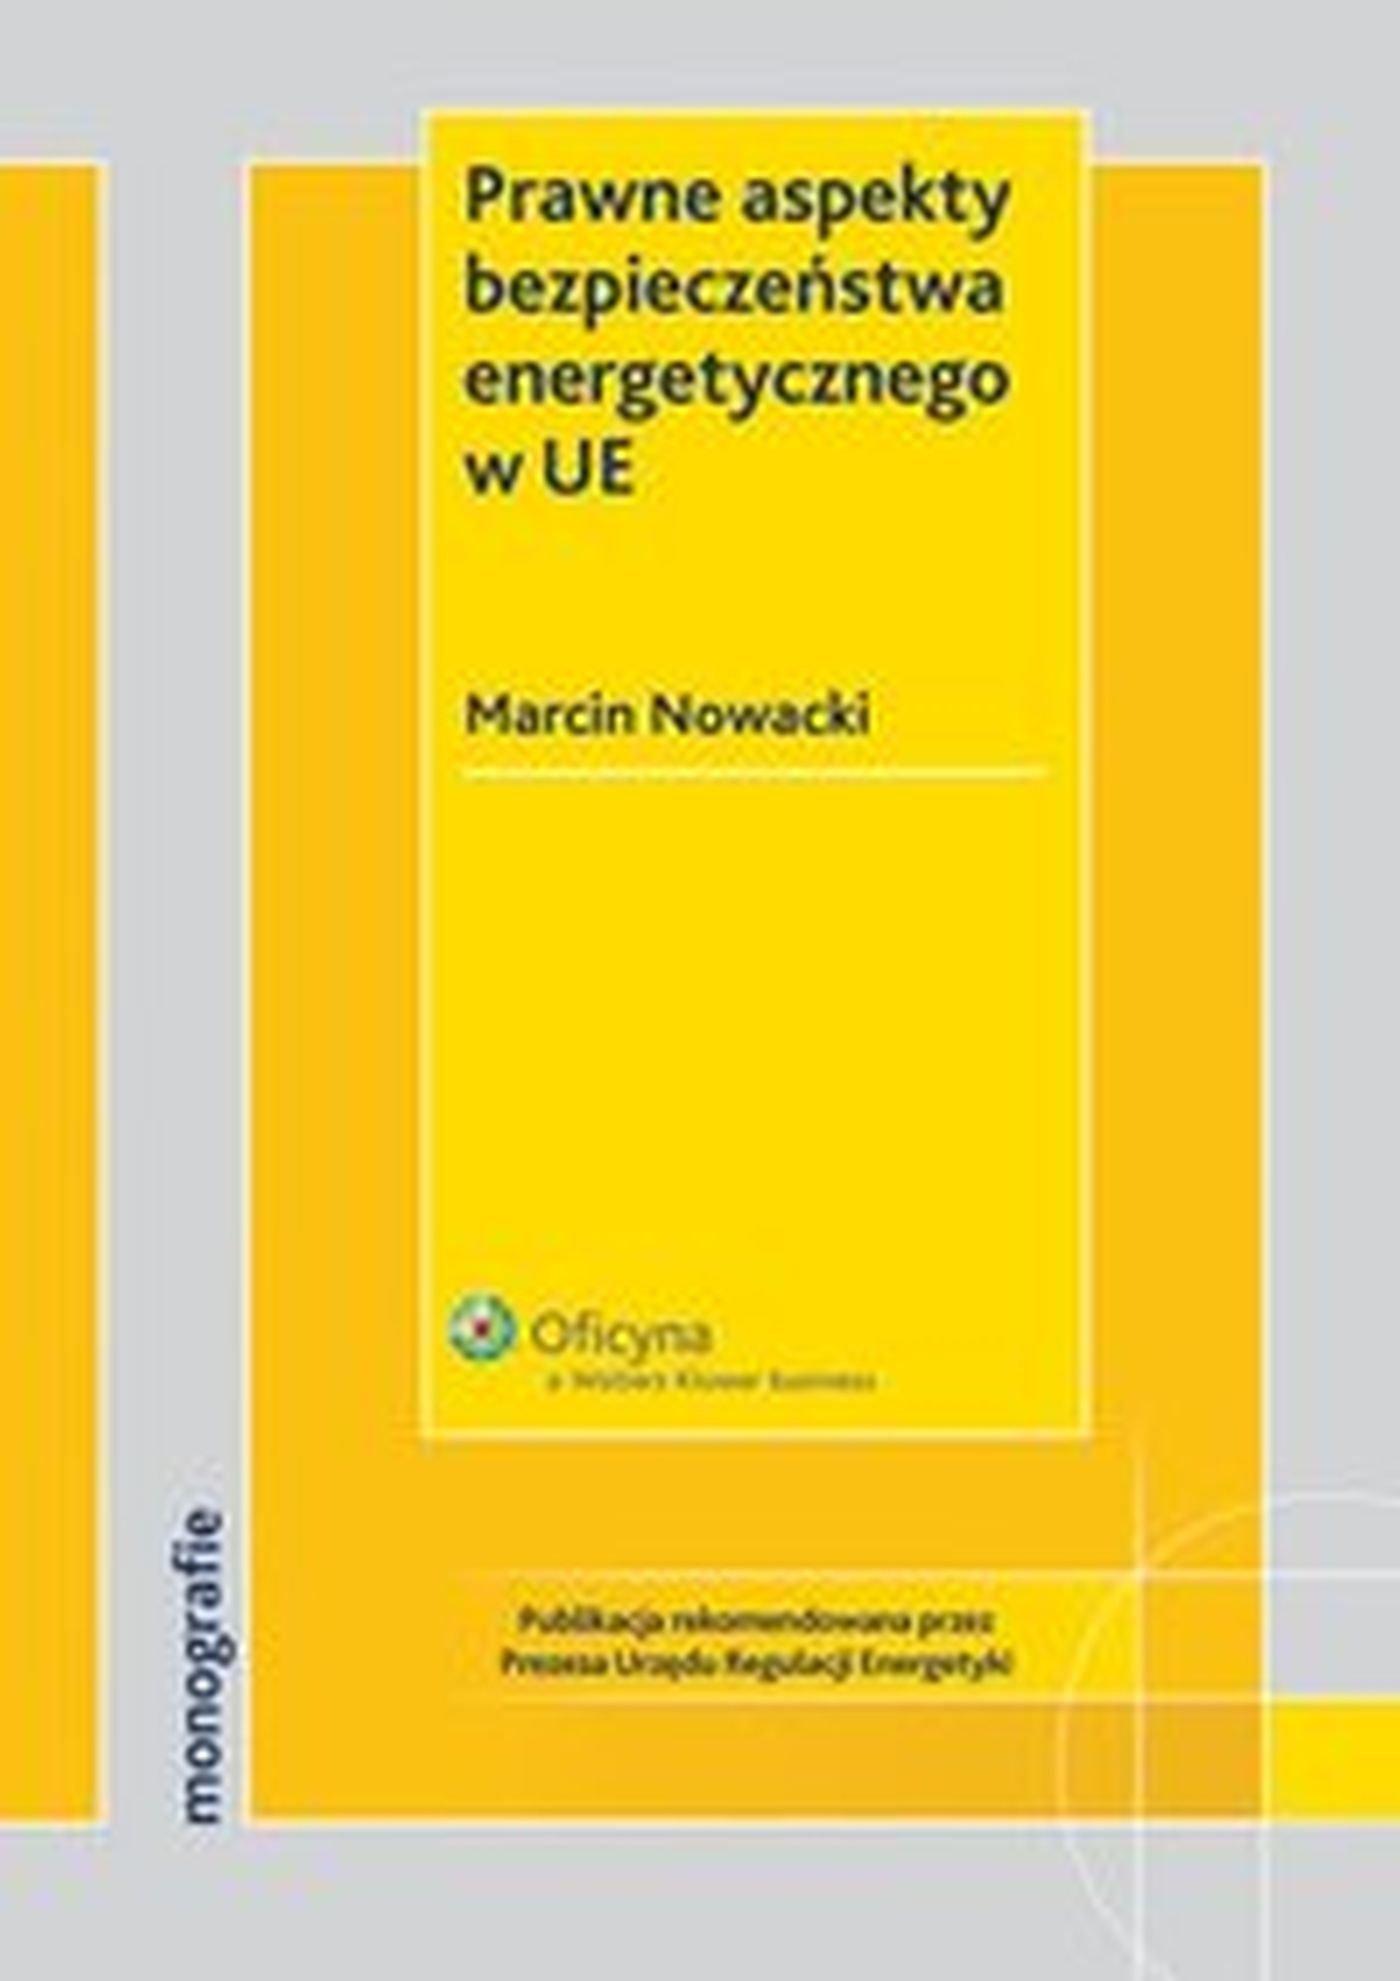 Prawne aspekty bezpieczeństwa energetycznego w UE - Ebook (Książka EPUB) do pobrania w formacie EPUB